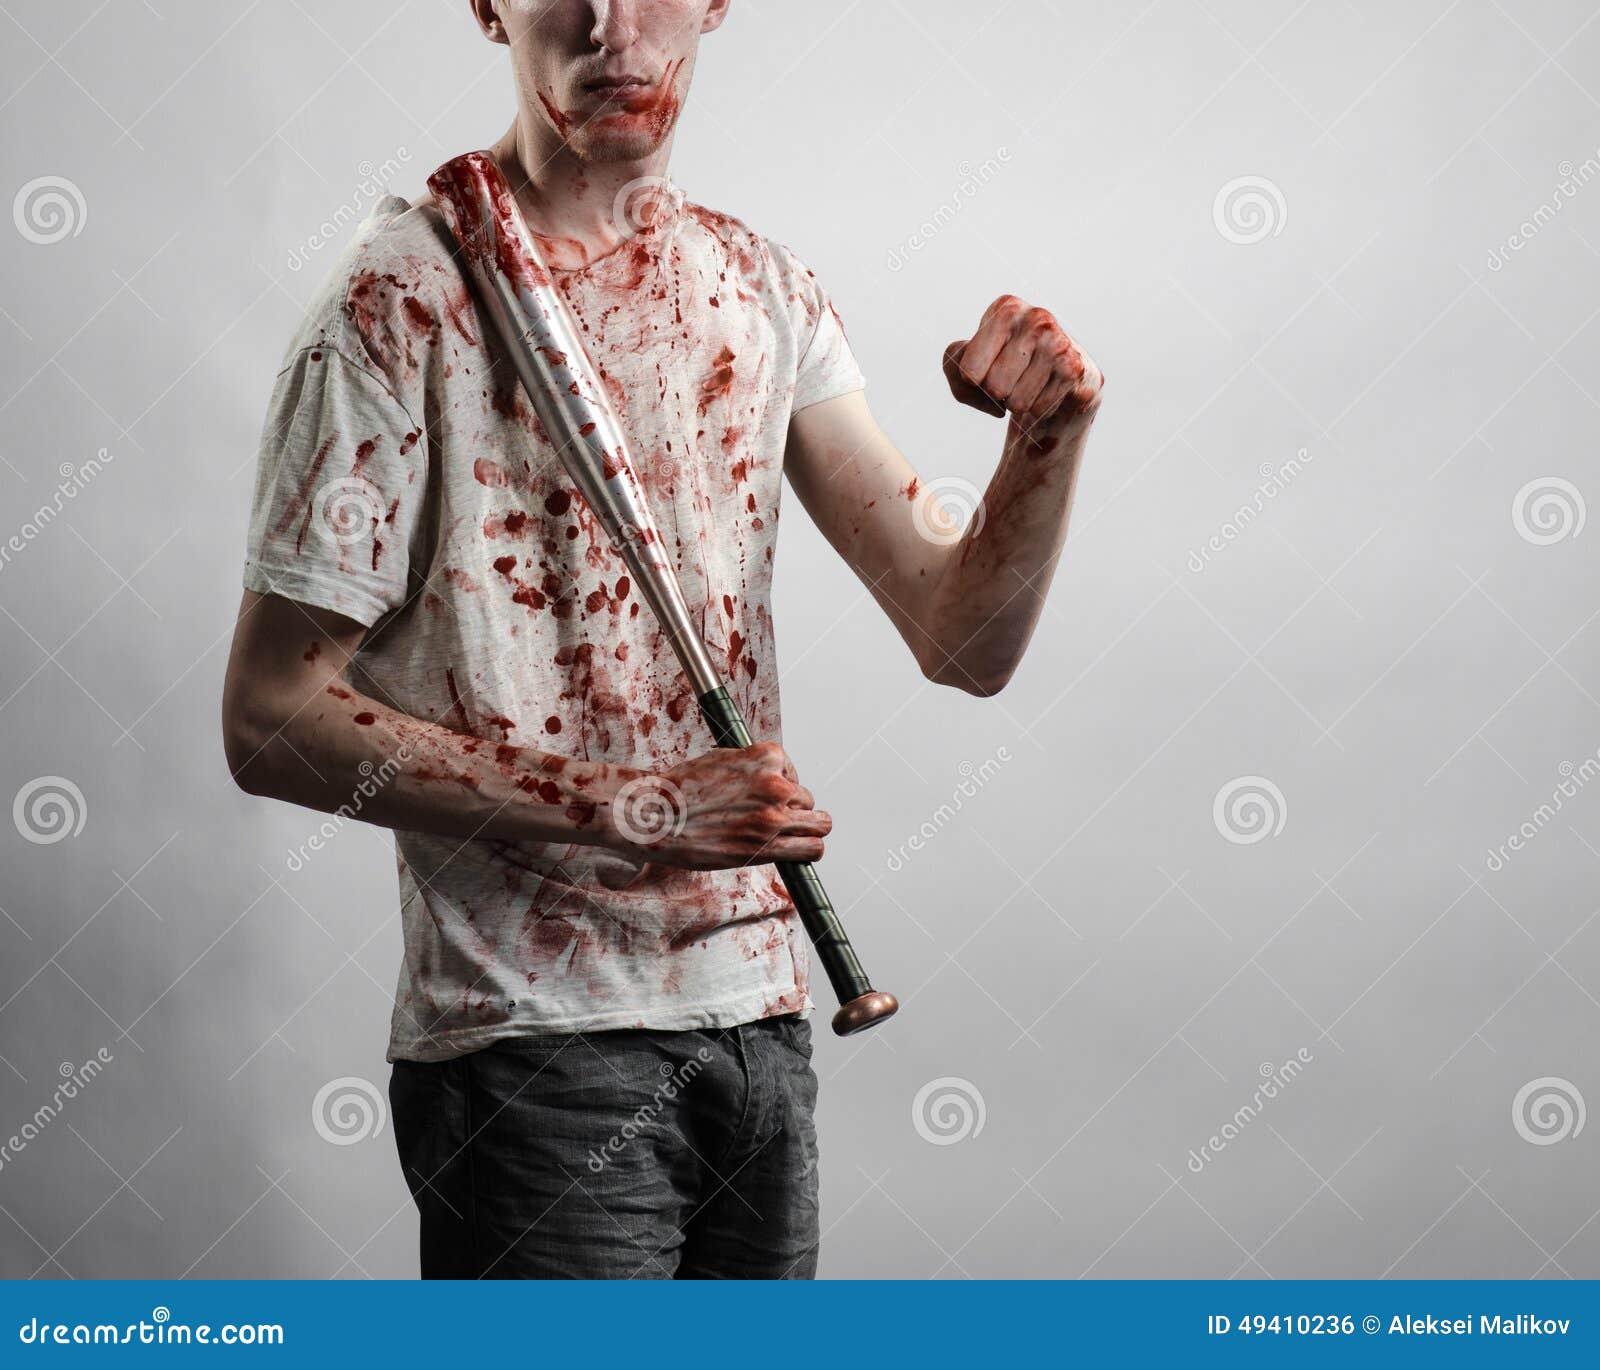 Download Blutiges Thema: Der Kerl In Einem Blutigen T-Shirt, Das Einen Blutigen Schläger Auf Einem Weißen Hintergrund Hält Stockfoto - Bild von grausigkeit, gruppe: 49410236